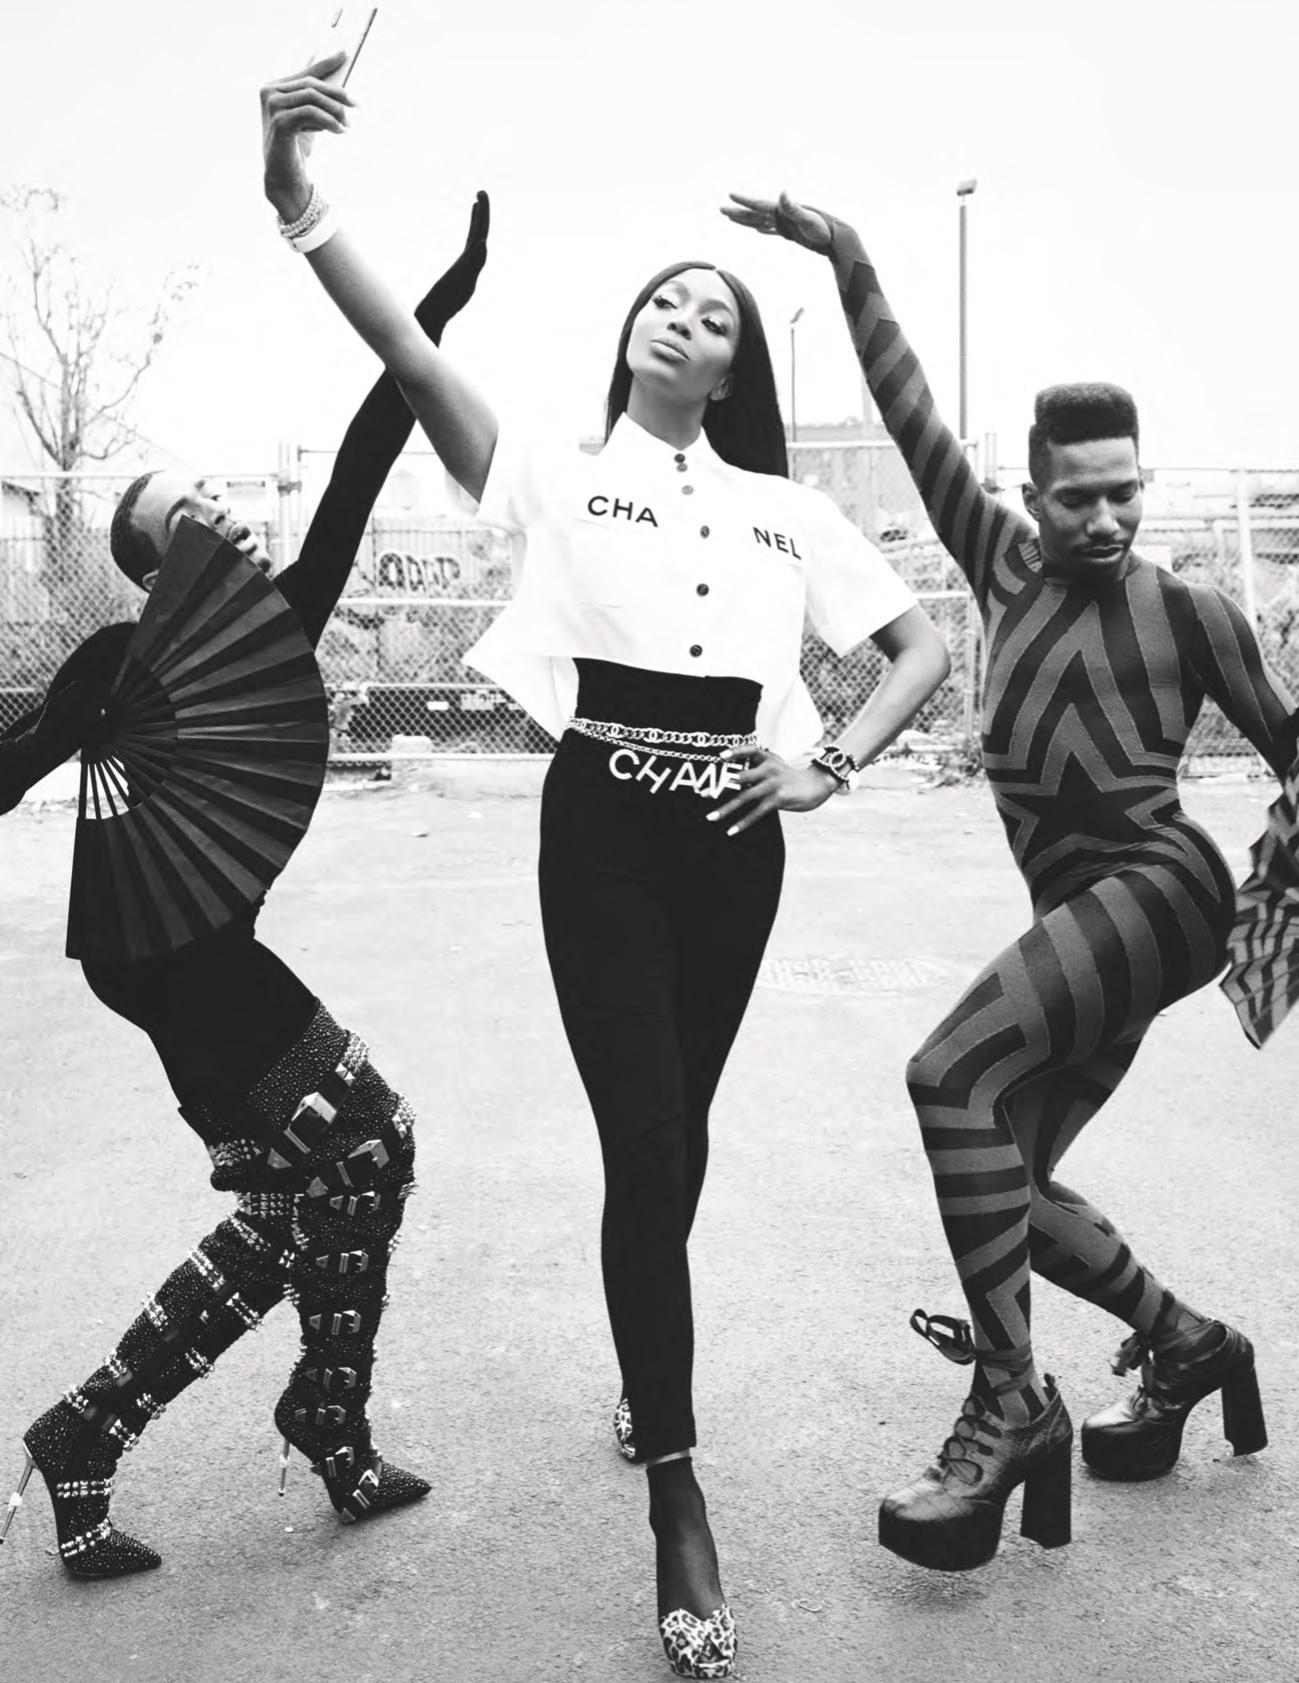 Being Naomi, la editorial que trae de regreso a Naomi Campbell a British Vogue después de 17 años